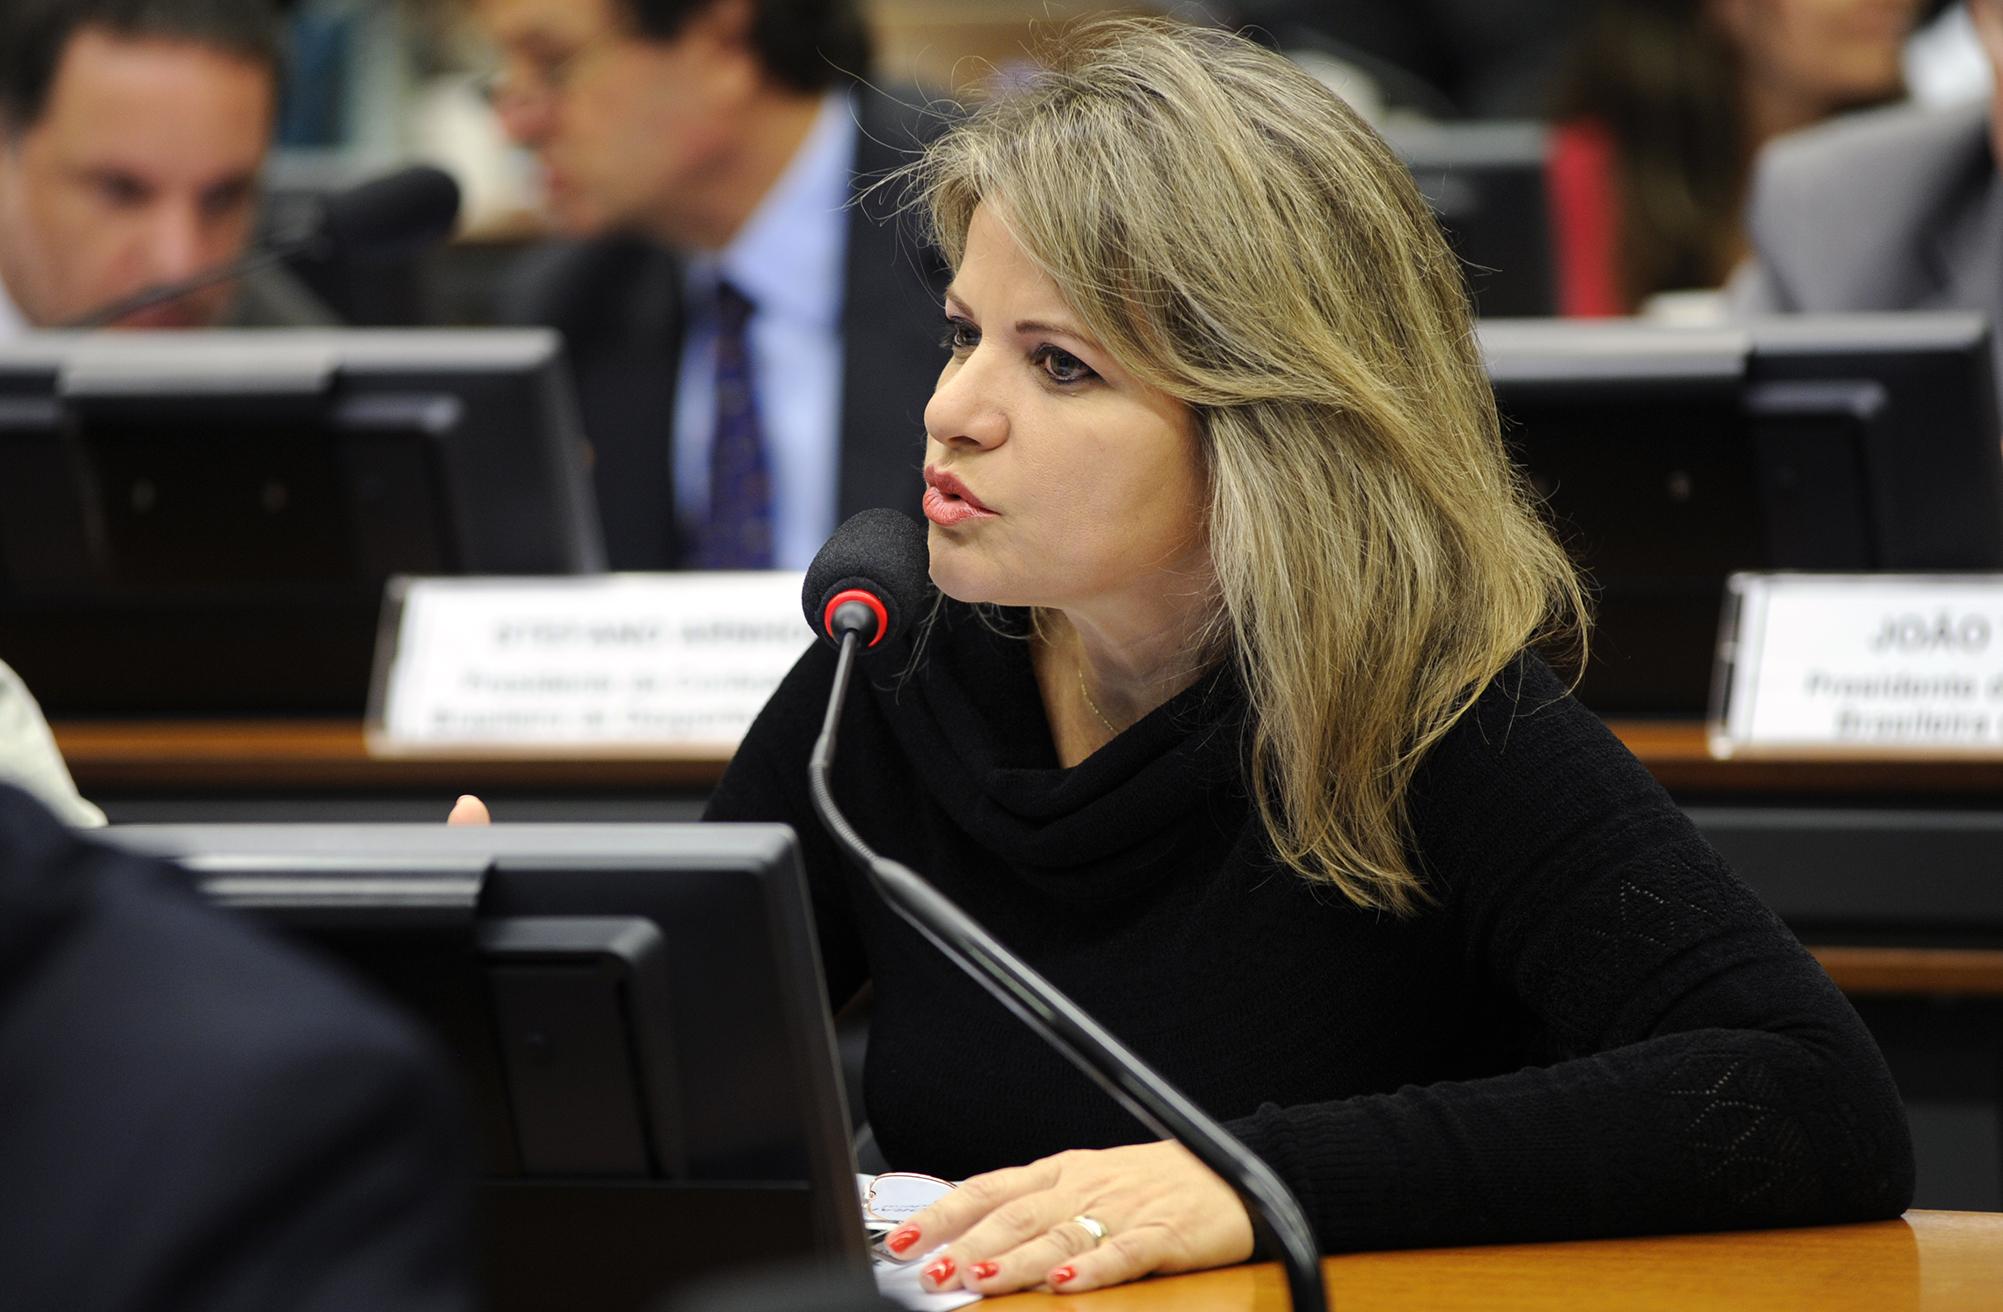 Subcomissão Especial do Plano Nacional do Desporto  Mesa Redonda: A terceira etapa da proposta do Plano Nacional do Desporto. Dep. Flávia Morais (PDT - GO)